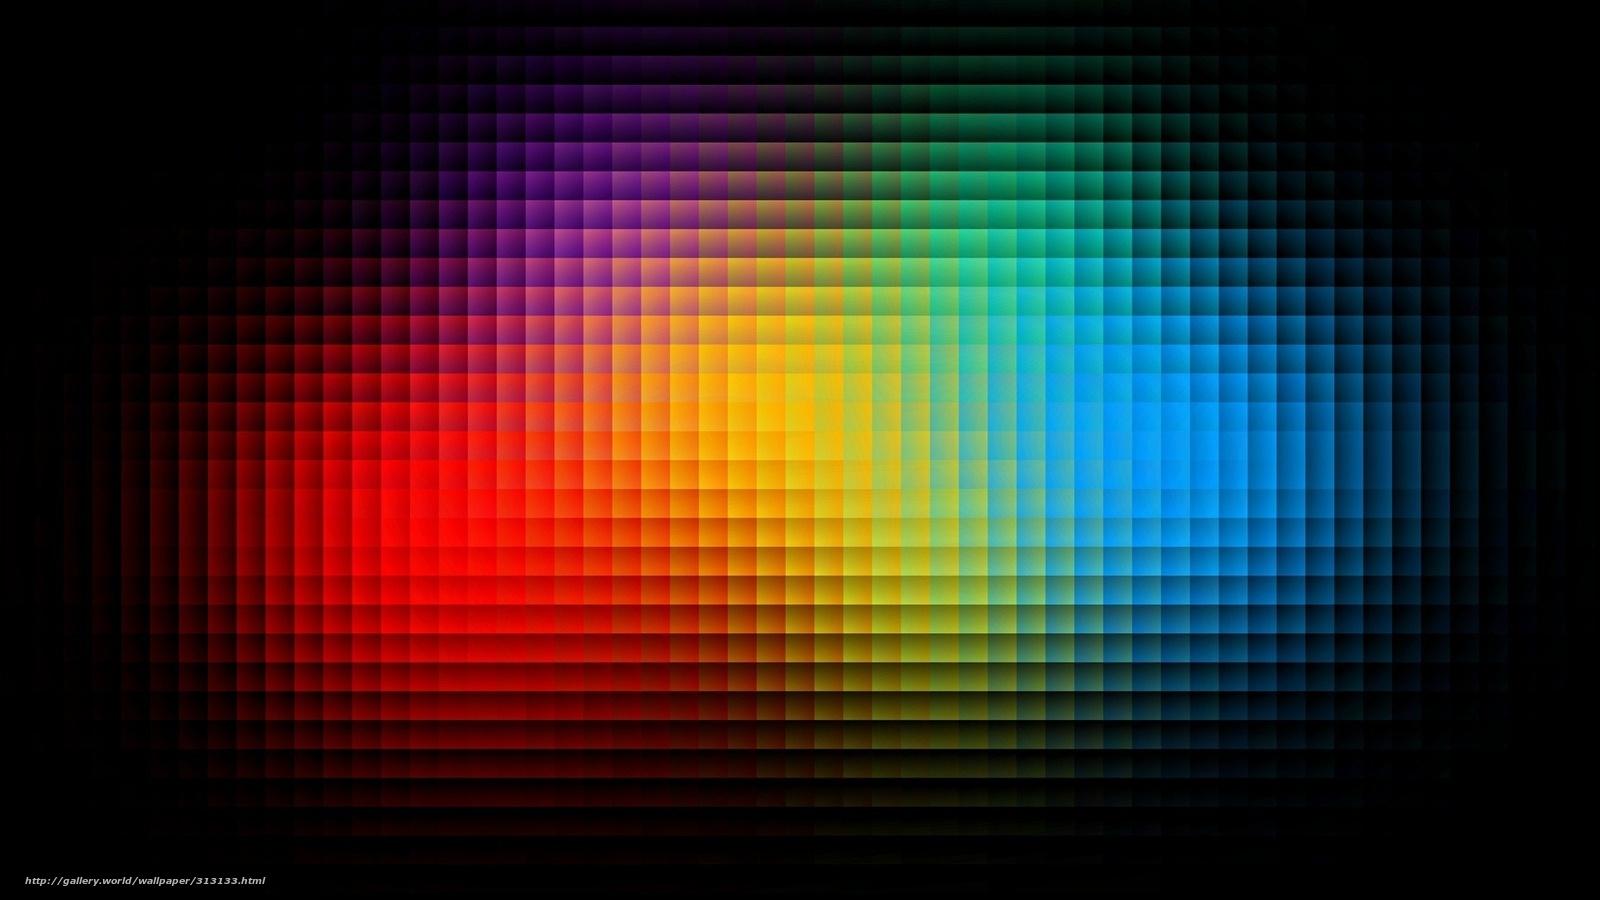 壁紙をダウンロード 勾配 赤 黒 青 デスクトップの解像度のための無料壁紙 19x1080 絵